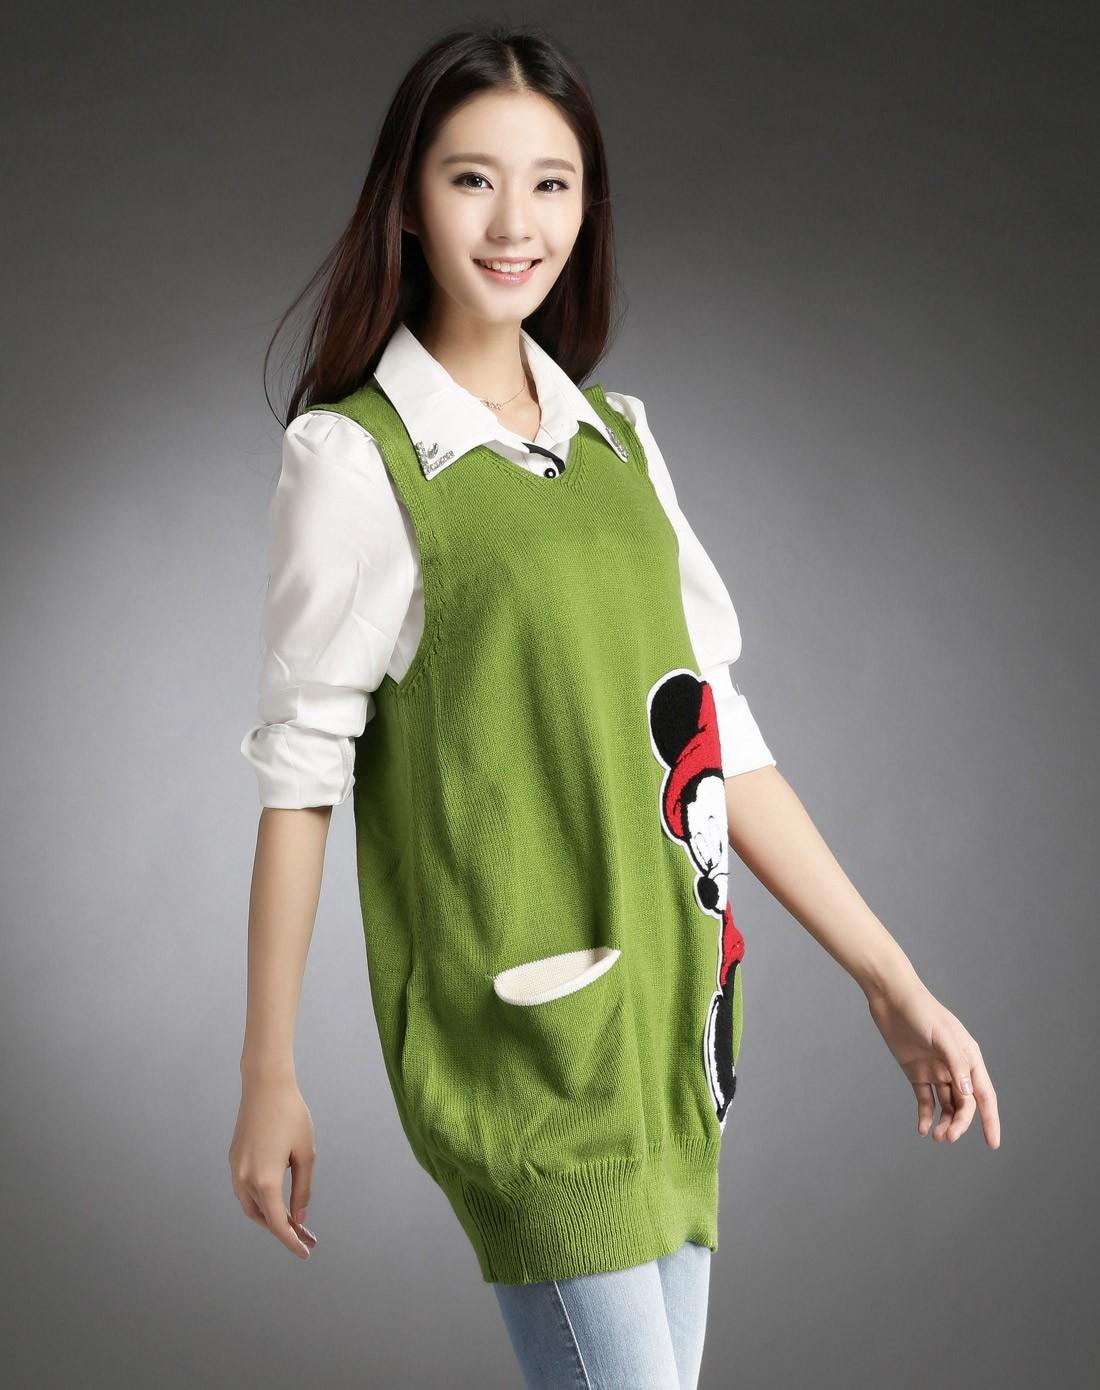 艾欧唯aiov绿色卡通图案无袖舒适可爱毛衣z837lv01